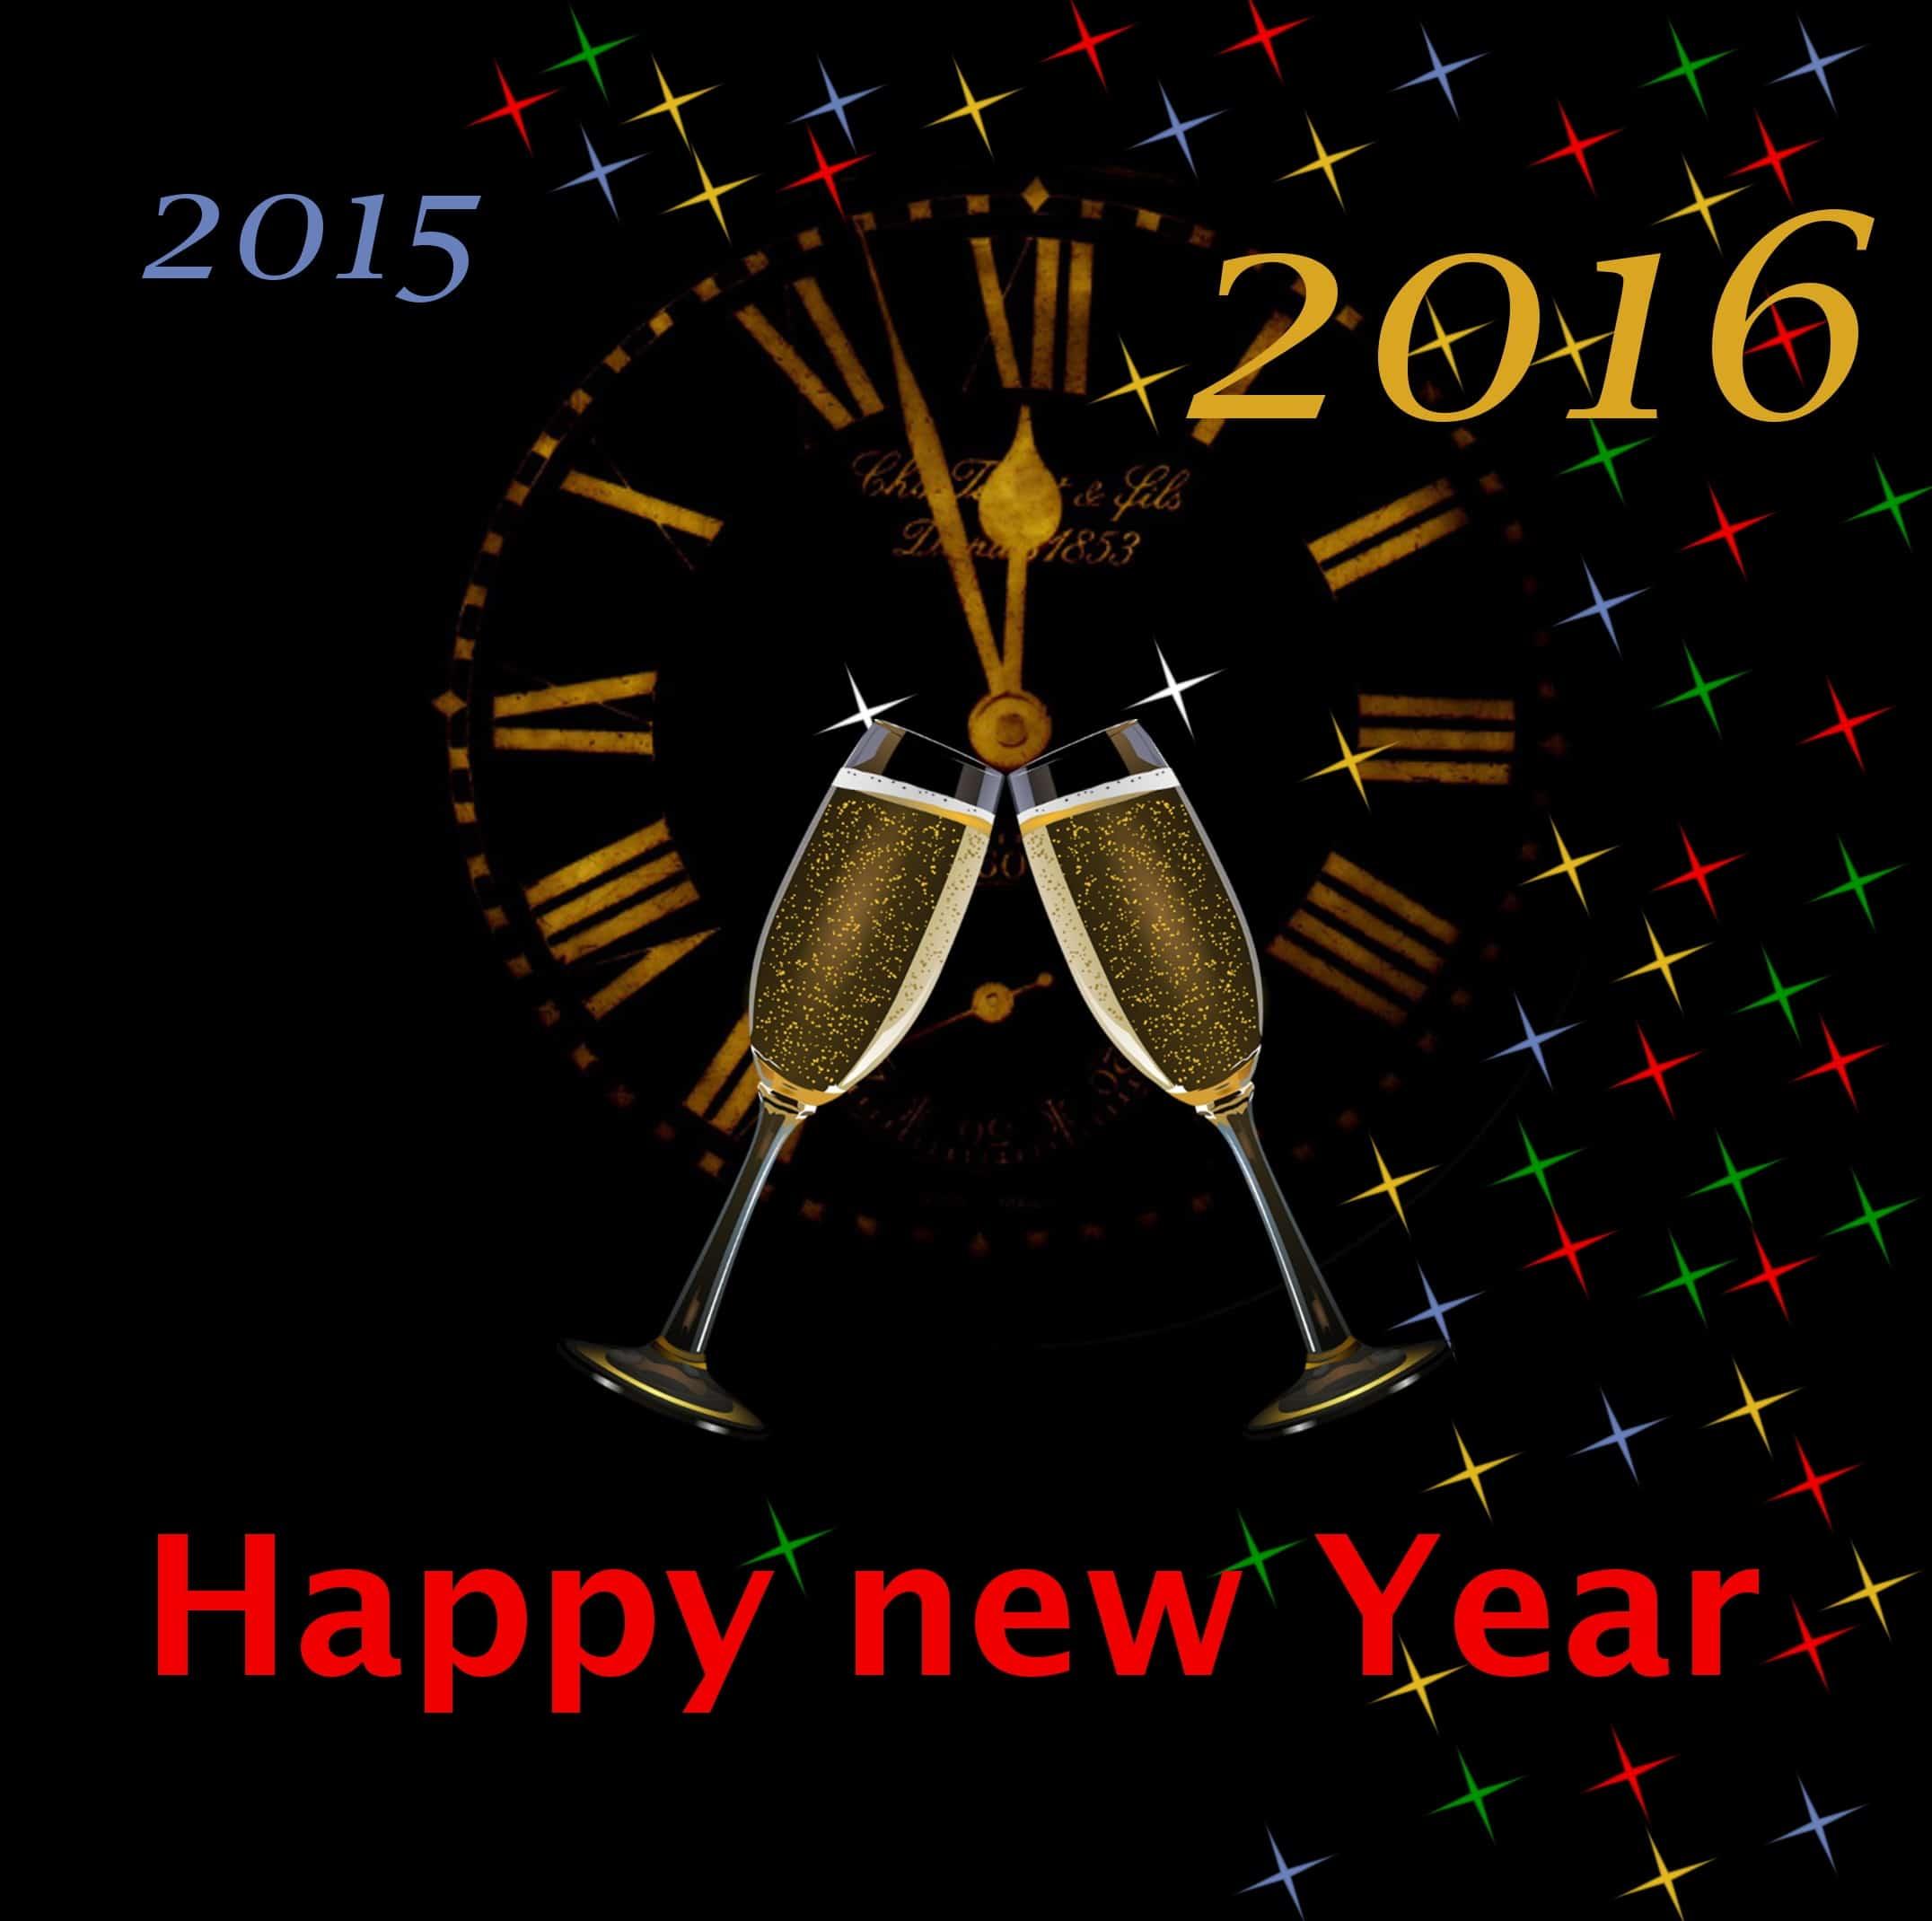 Guter Rutsch ins neue Jahr 2016